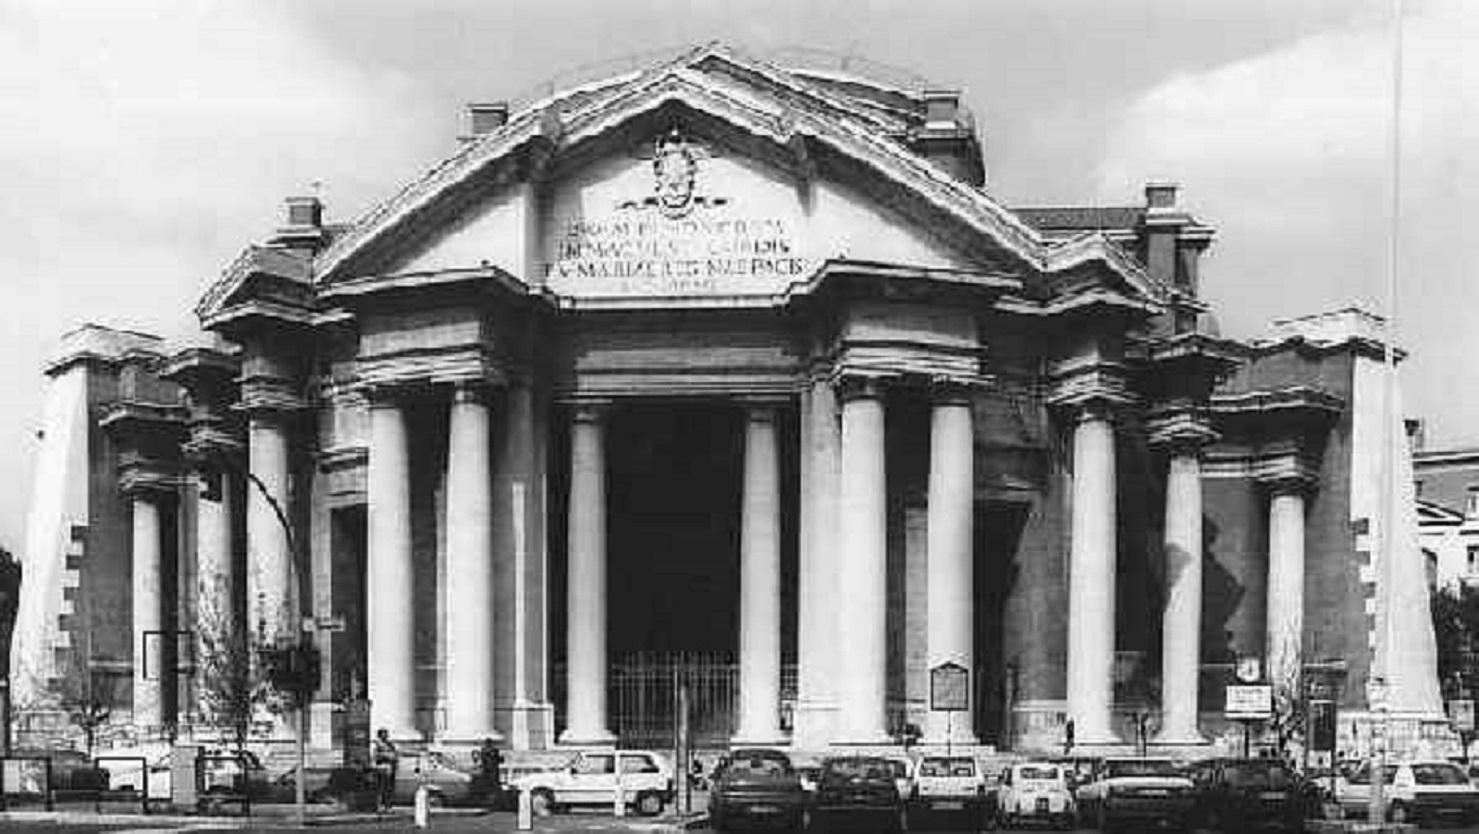 Basilica del Sacro Cuore Immacolato di Maria - Roma